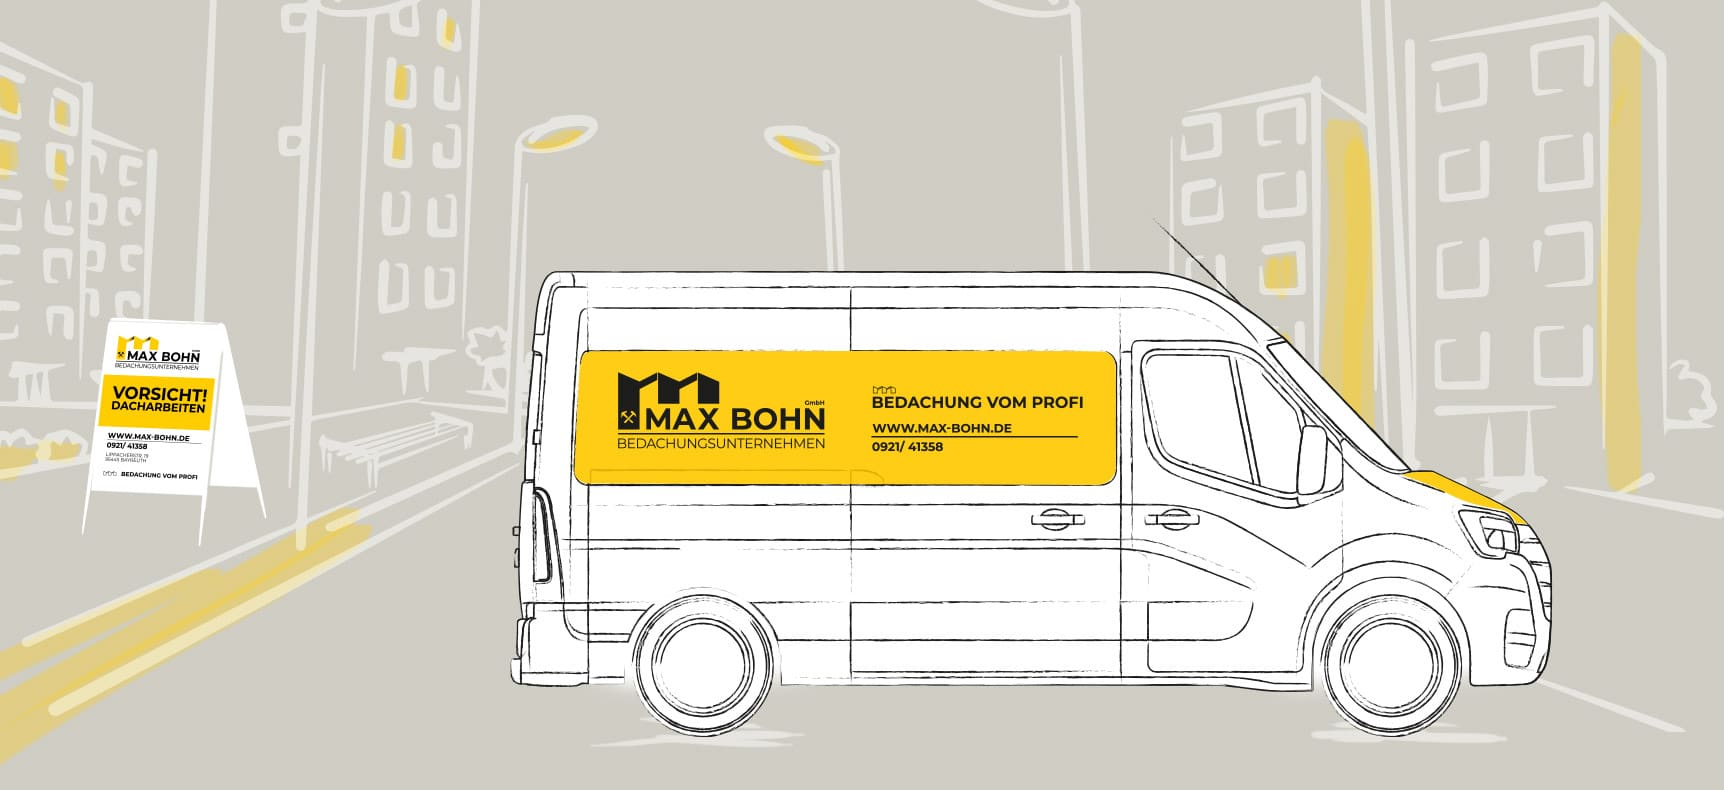 Max Bohn GmbH   KFZ-Beschriftung entwickelt von StatusZwo.com